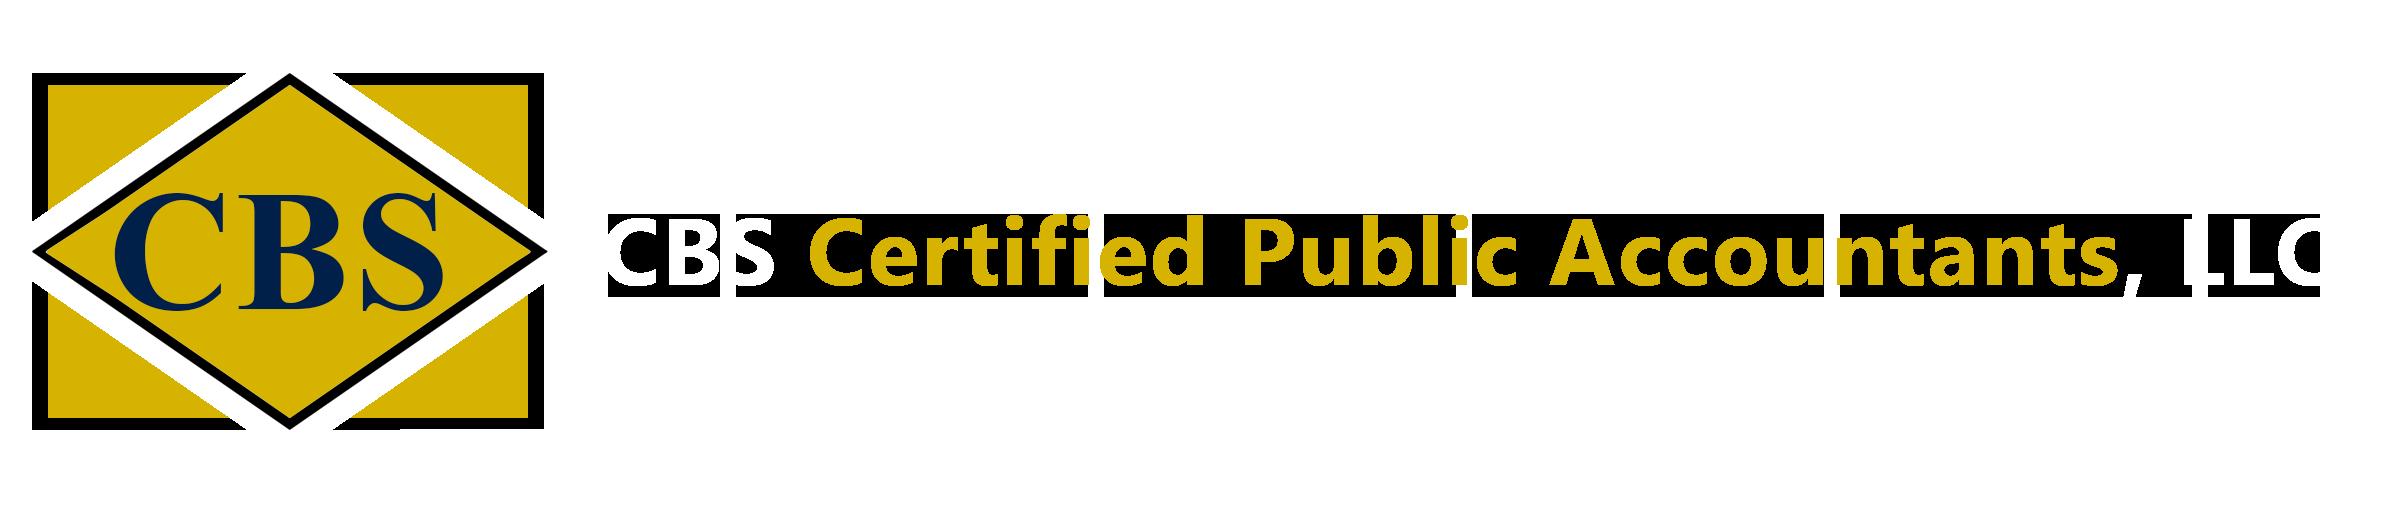 CBS Certified Public Accountants, LLC